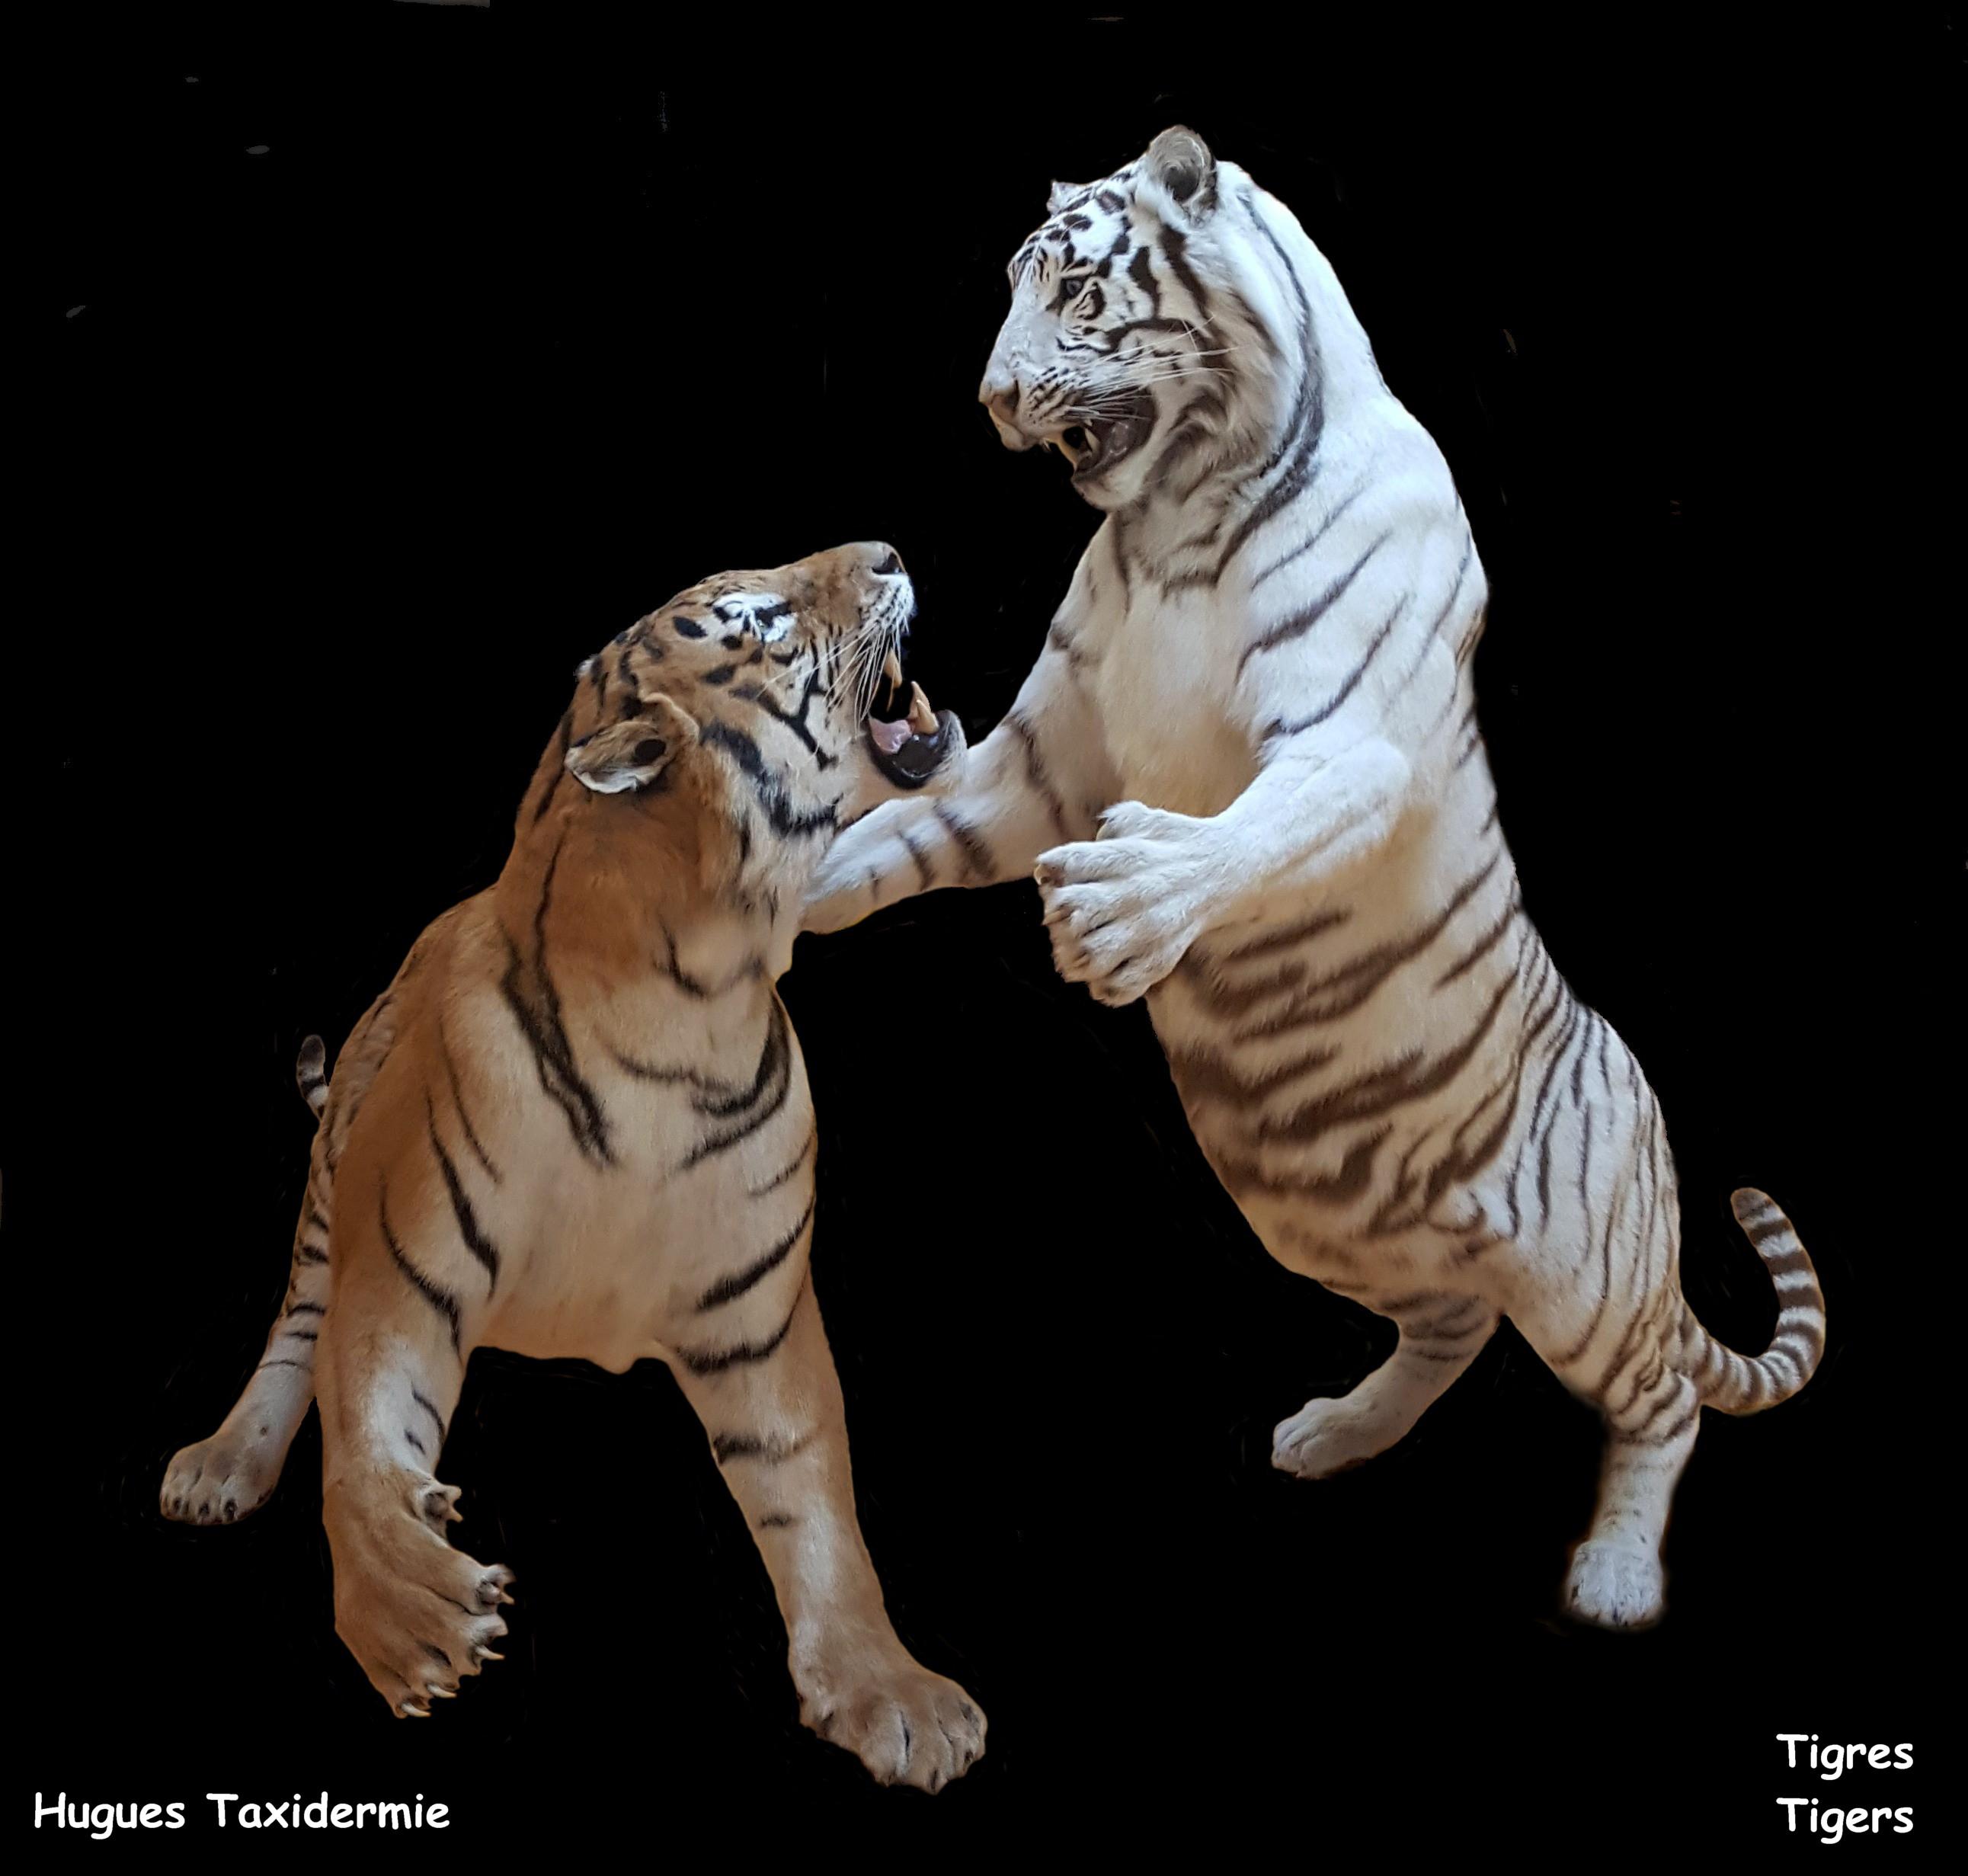 tigres 1